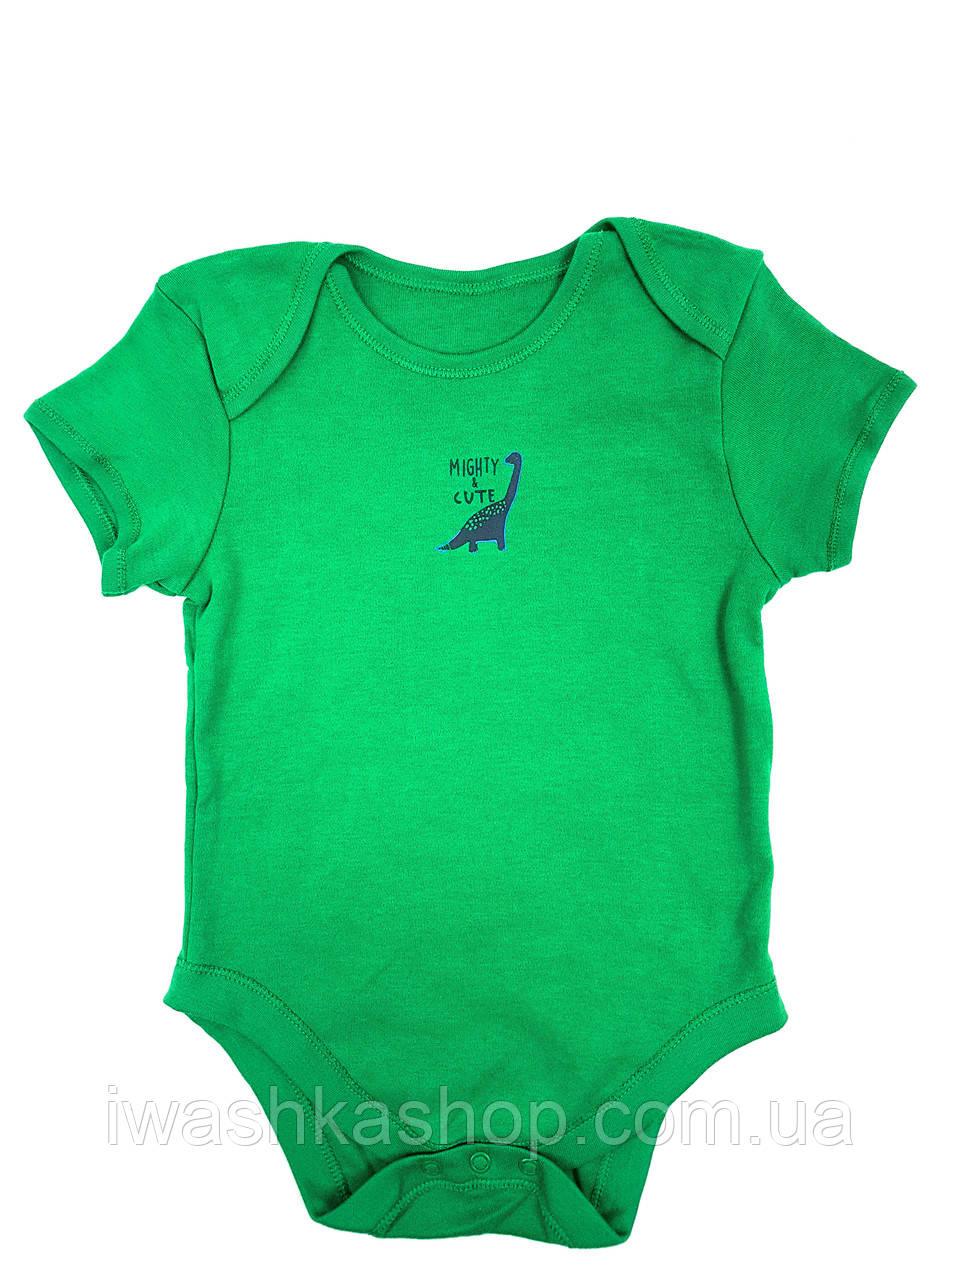 Зеленый боди с короткими рукавами с динозаврами для мальчика 1,5 - 2 года, размер 92, Primark baby, Германия